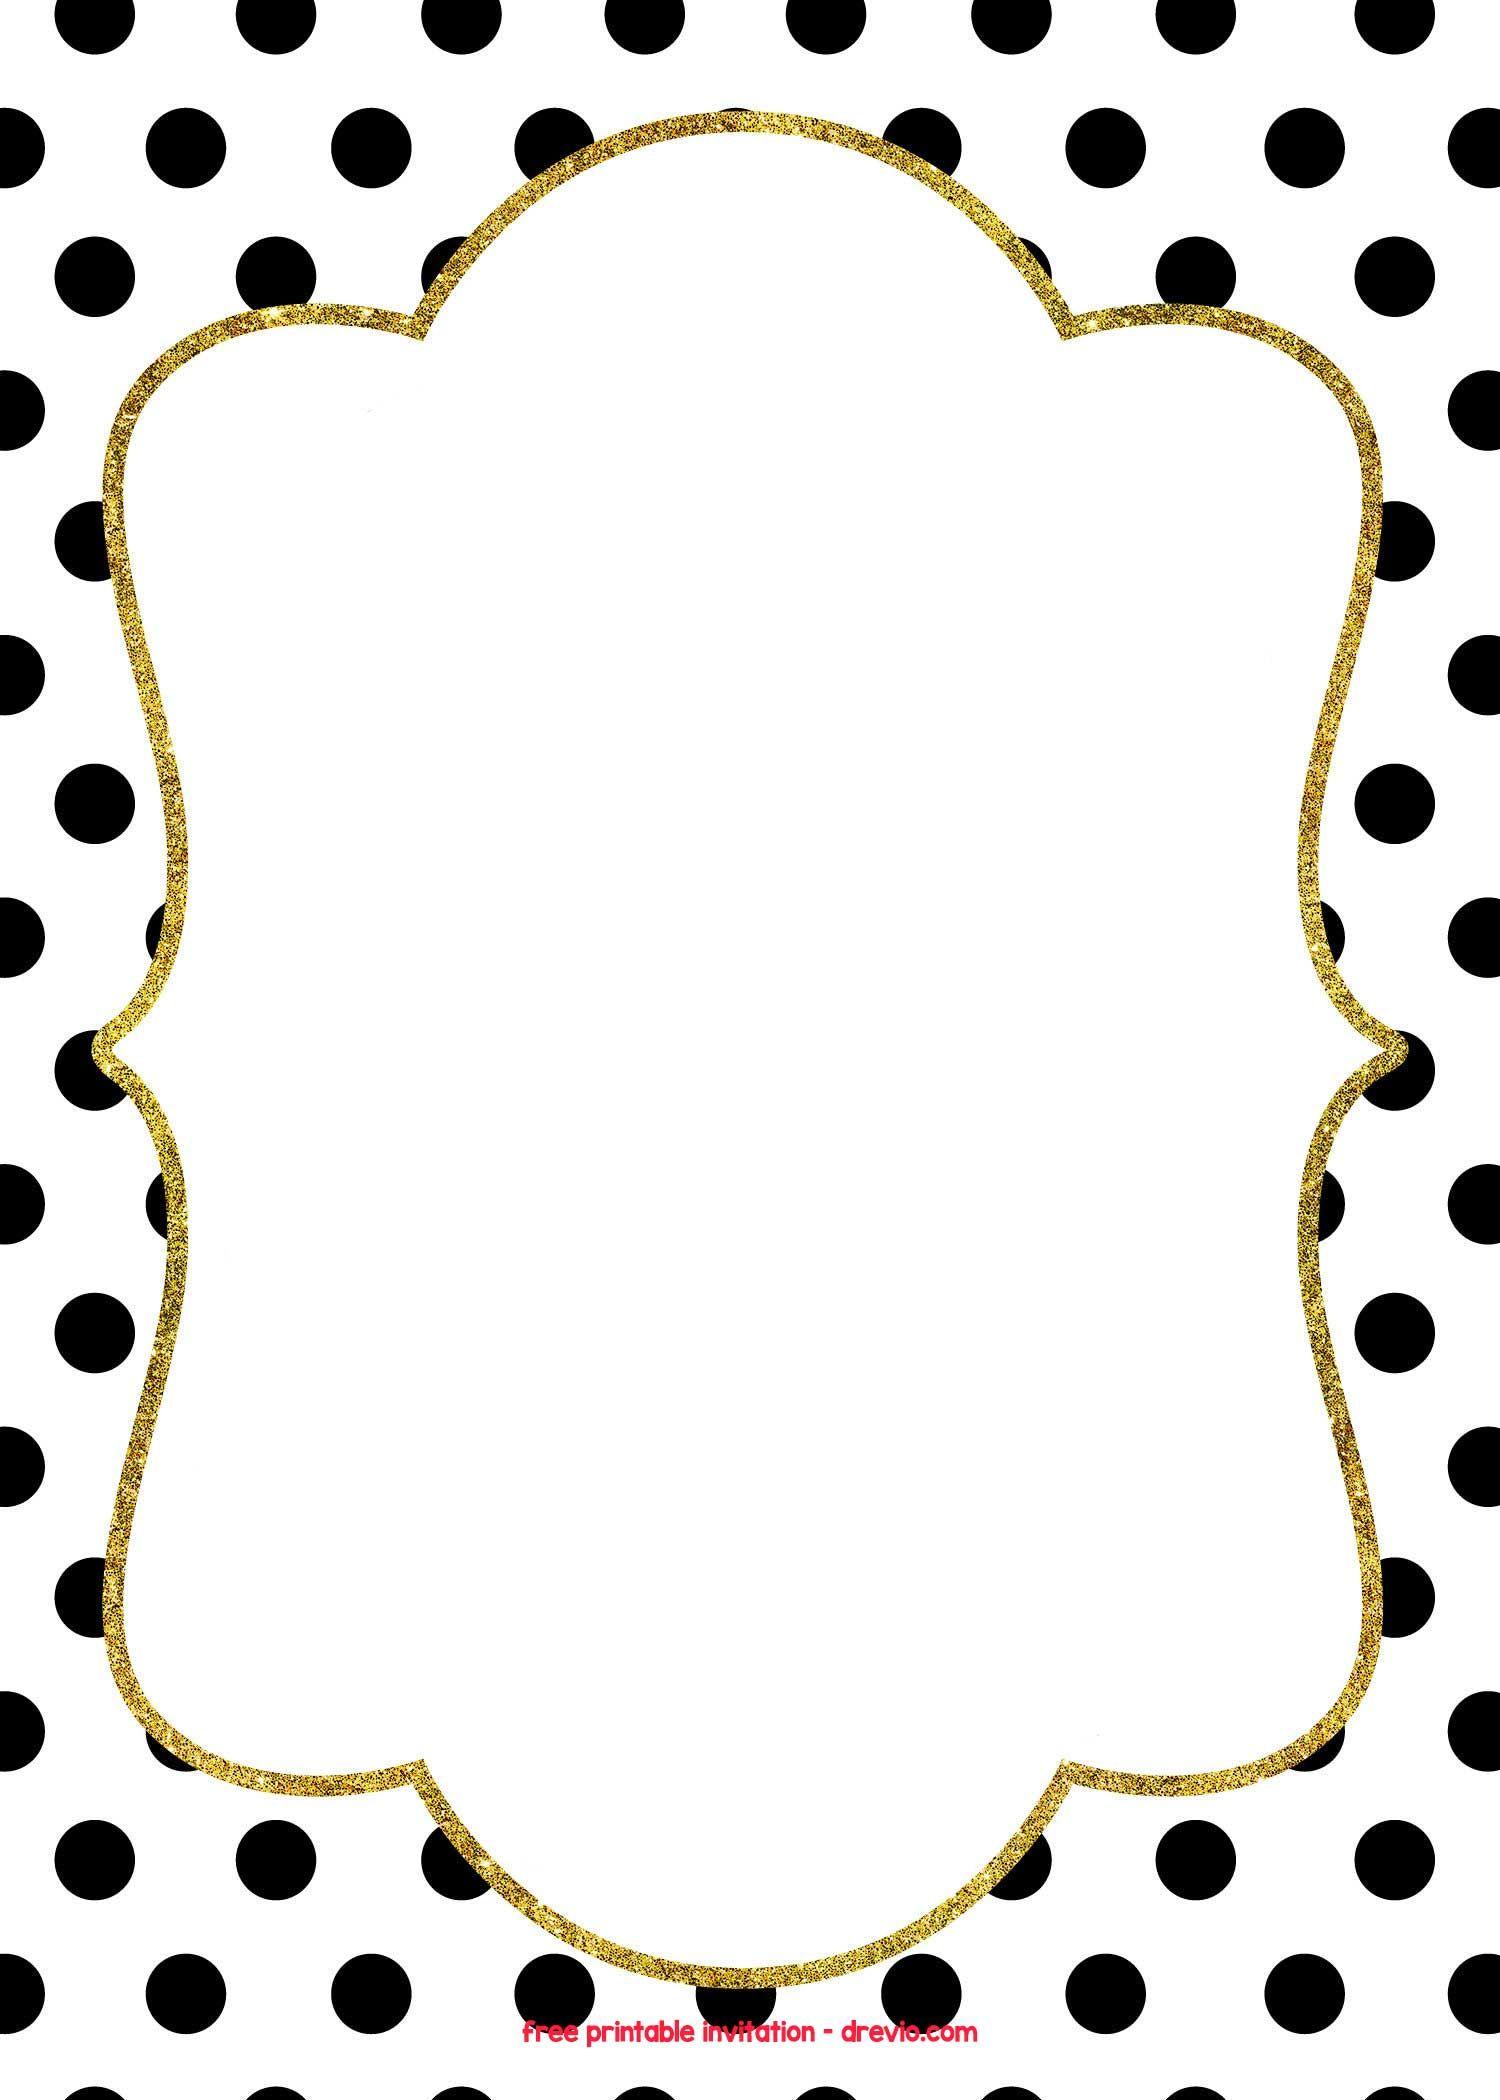 Free Golden Polkadot Invitation Templates Free Printable